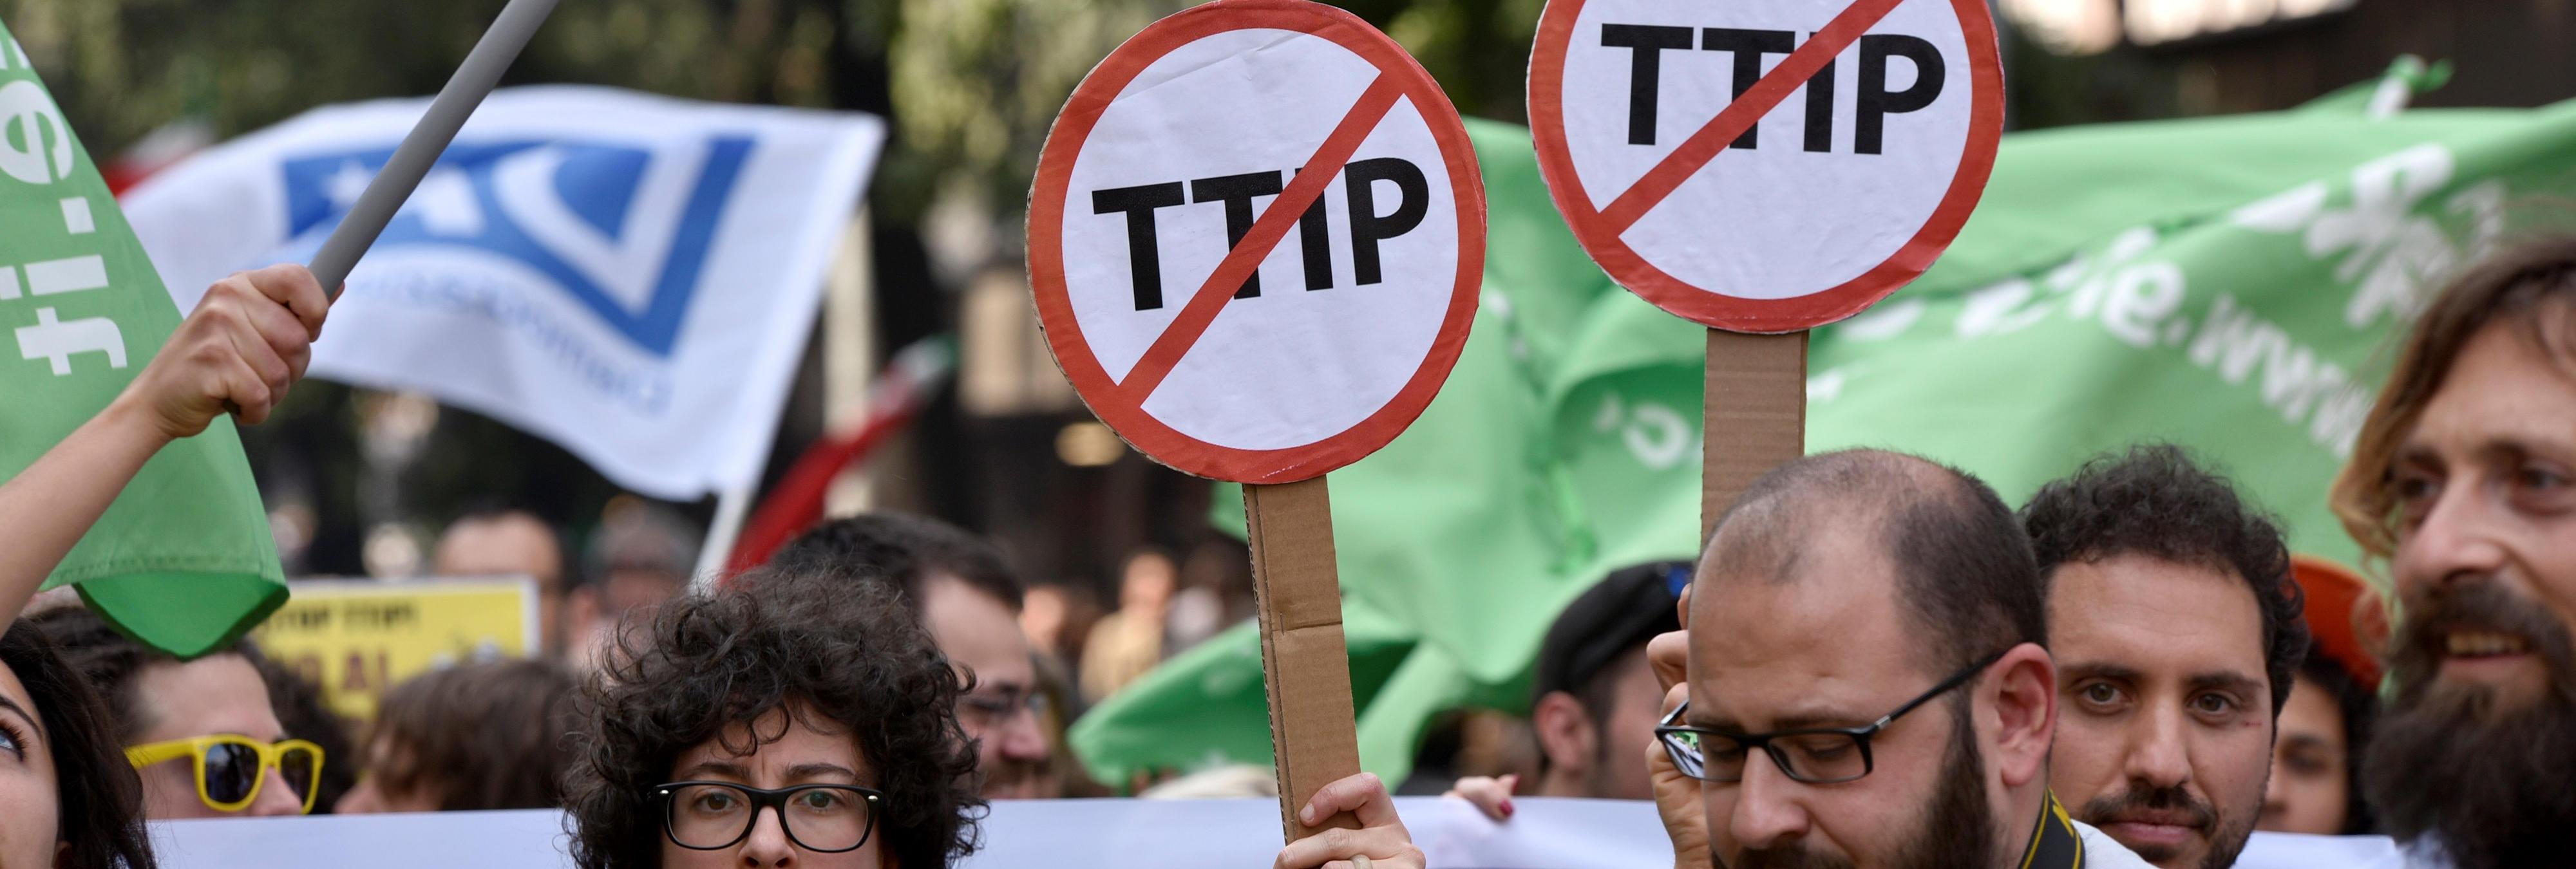 Tom Kucharz: 'El TTIP también es una forma de poner una camisa de fuerza a los partidos emergentes'